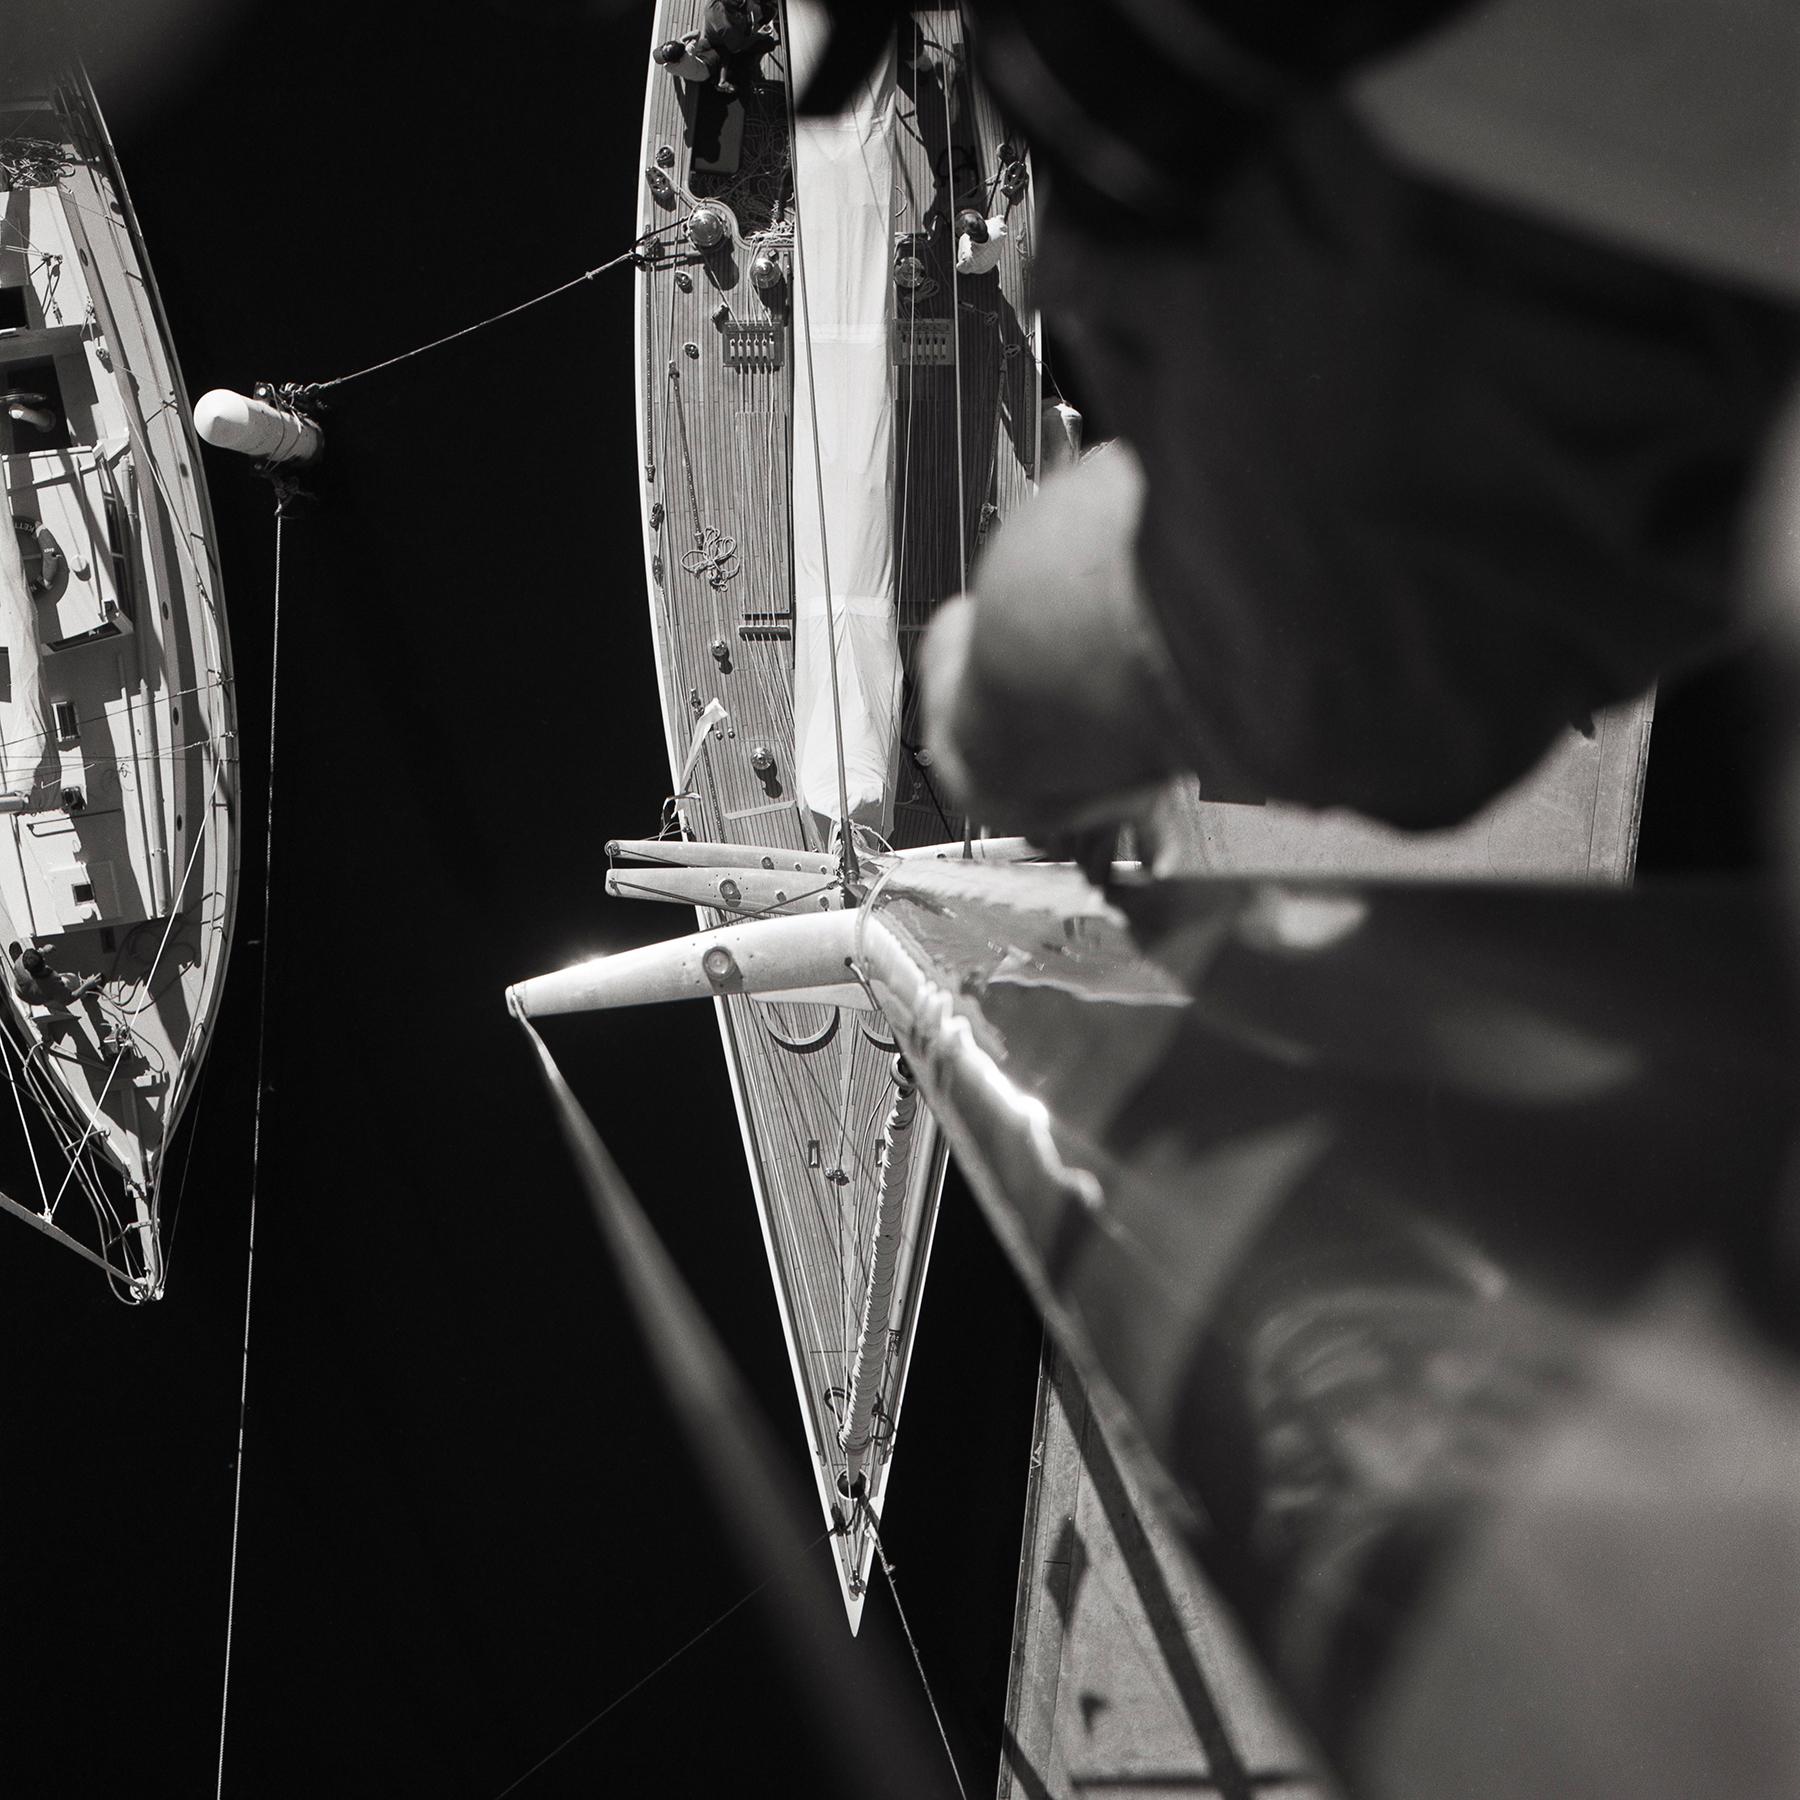 Mast   Hasselblad CM   Zeiss 80mm planar   Pan F   Brett Rogers